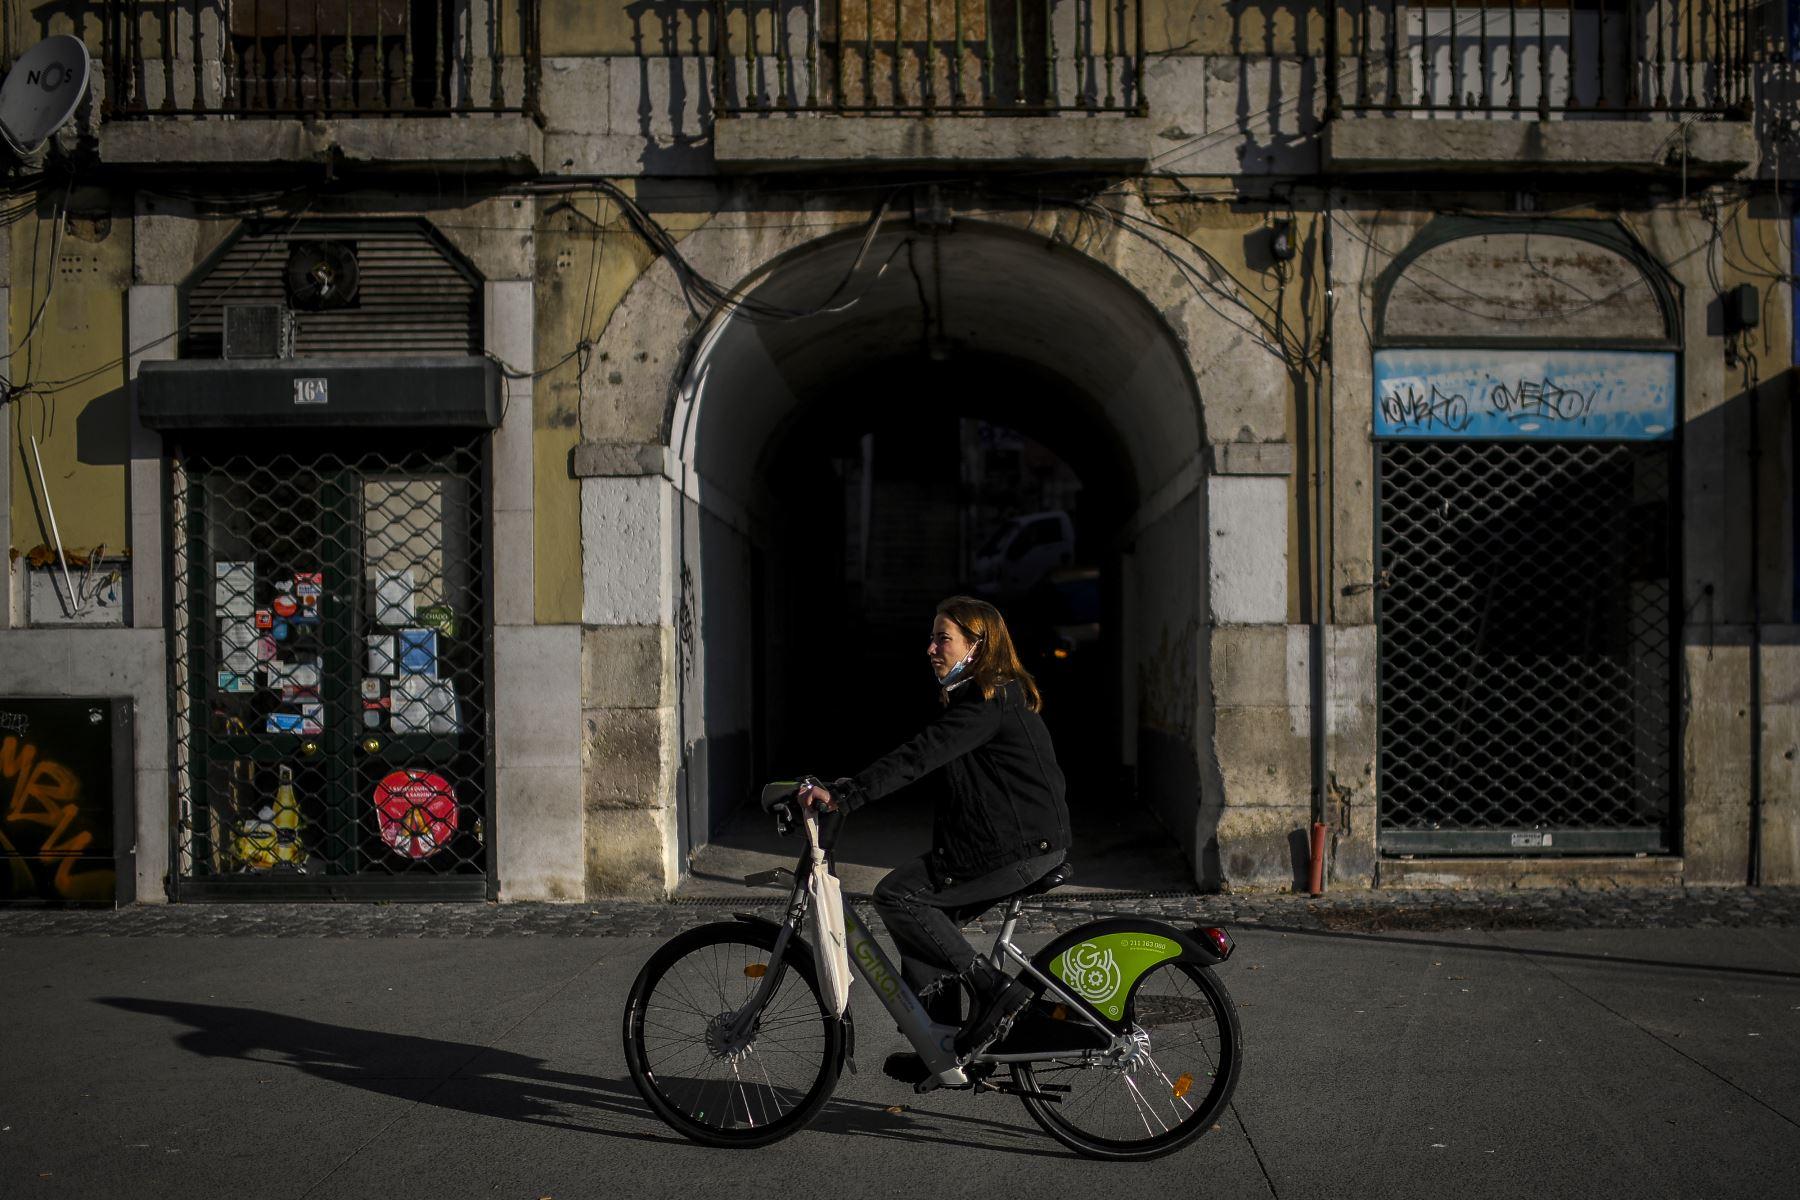 Una mujer pasa en bicicleta frente a tiendas cerradas en Lisboa Portugal, que  entró en un nuevo bloqueo por un aumento en los casos de coronavirus.  Foto: AFP